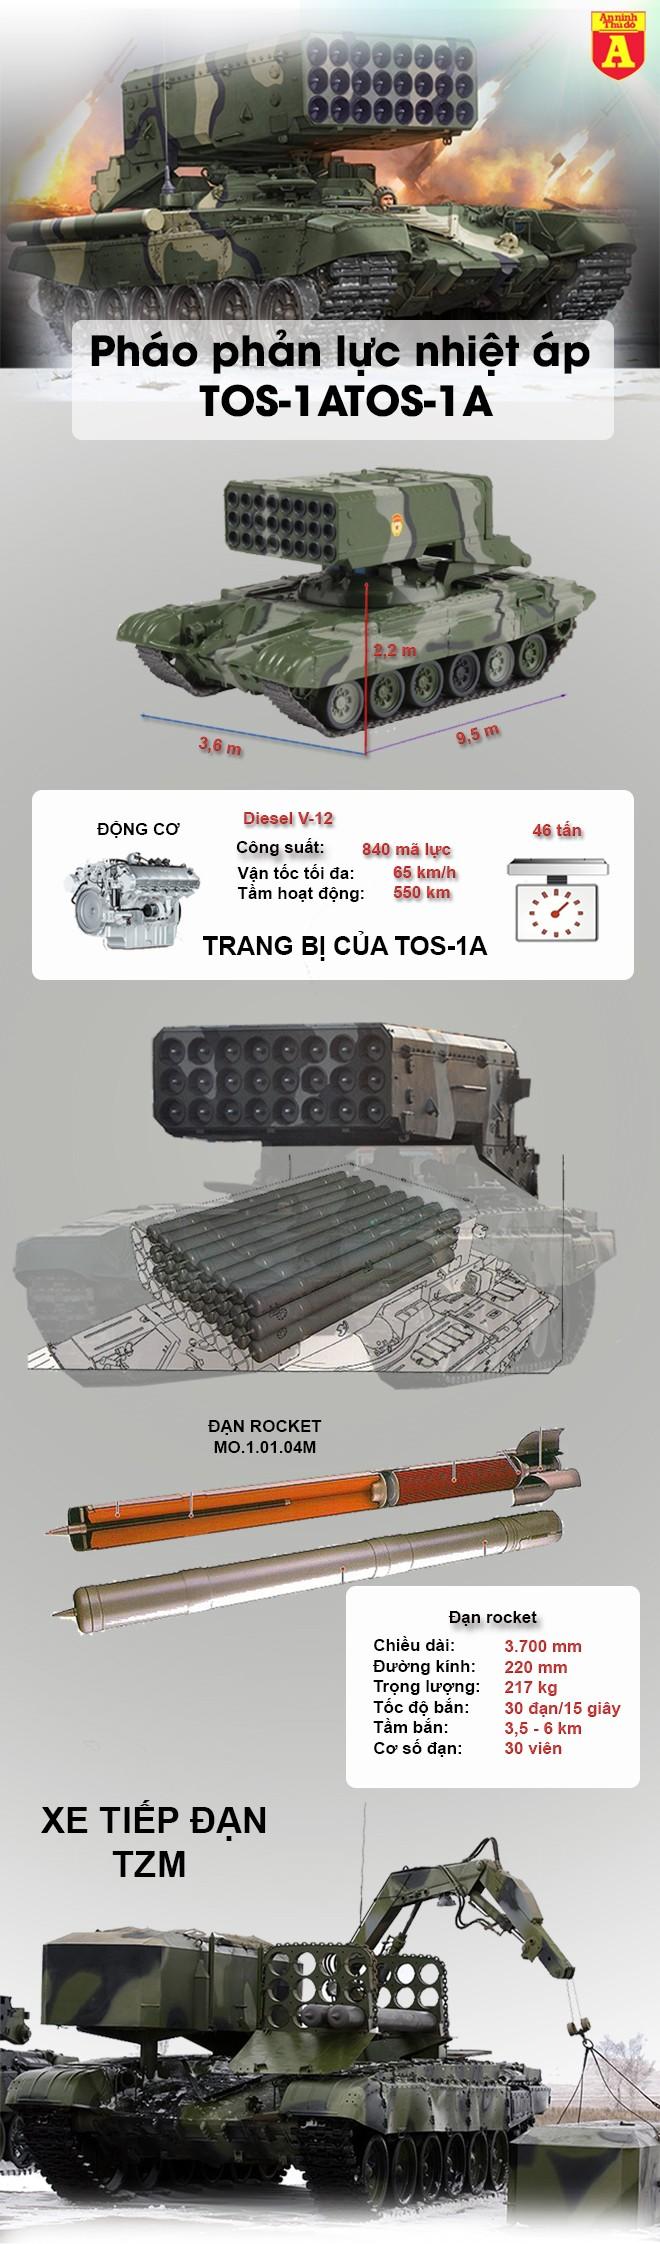 """[Infographic] Nga lại điều """"hỏa thần"""" TOS-1A hủy diệt khủng bố HTS và đồng minh Mỹ tại Syria ảnh 3"""